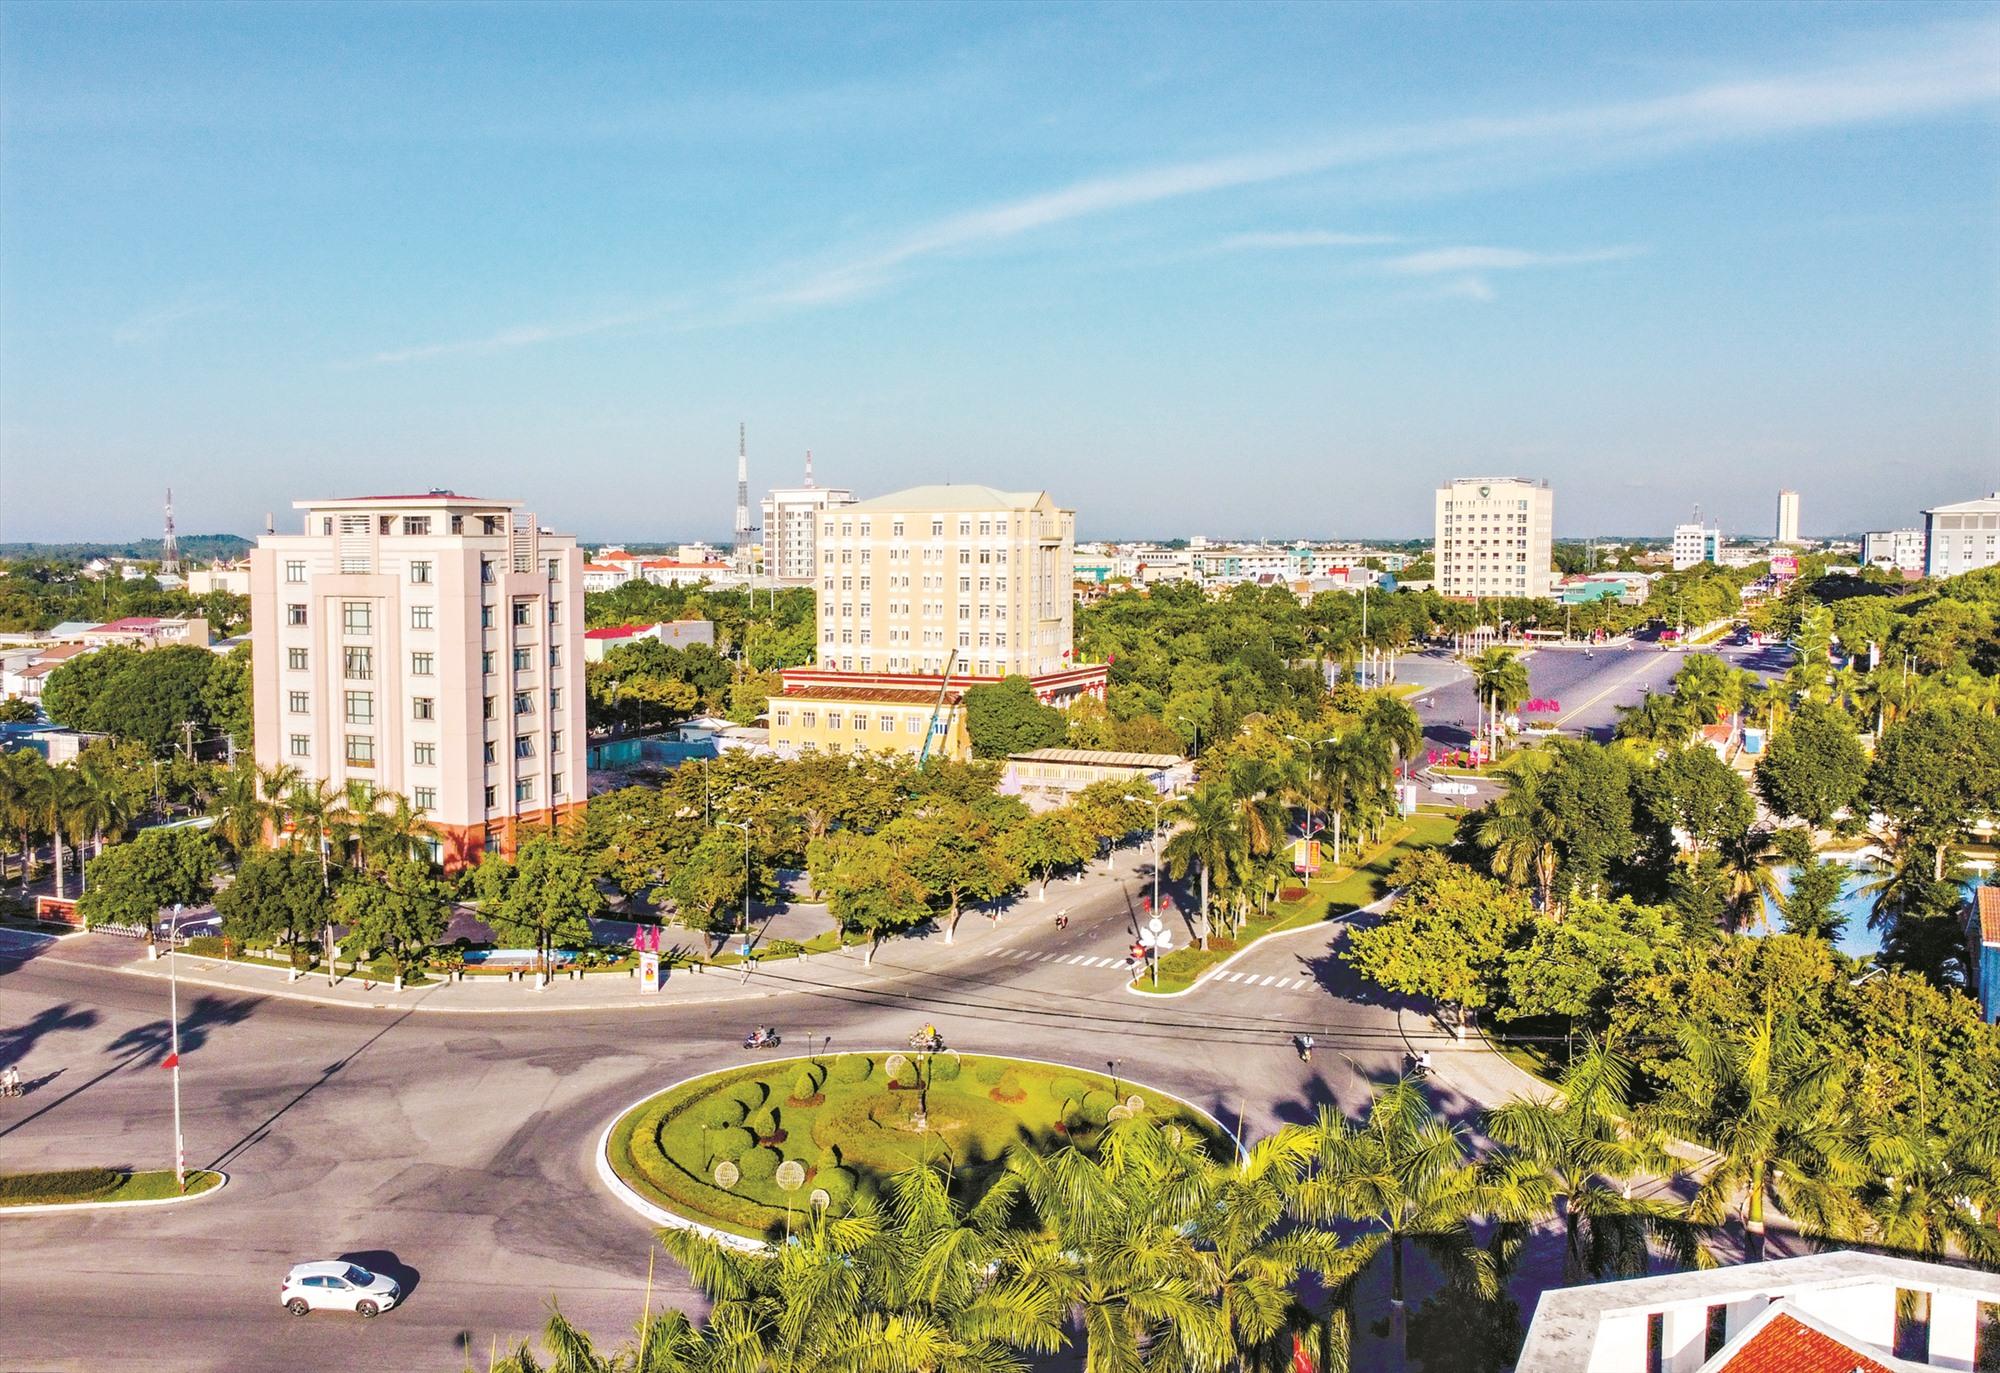 Quảng Nam sẽ phát huy thế mạnh, tiềm năng để phát triển kinh tế - xã hội trong thời gian tới. TRONG ẢNH: Trung tâm tỉnh lỵ Quảng Nam. Ảnh: PHƯƠNG THẢO